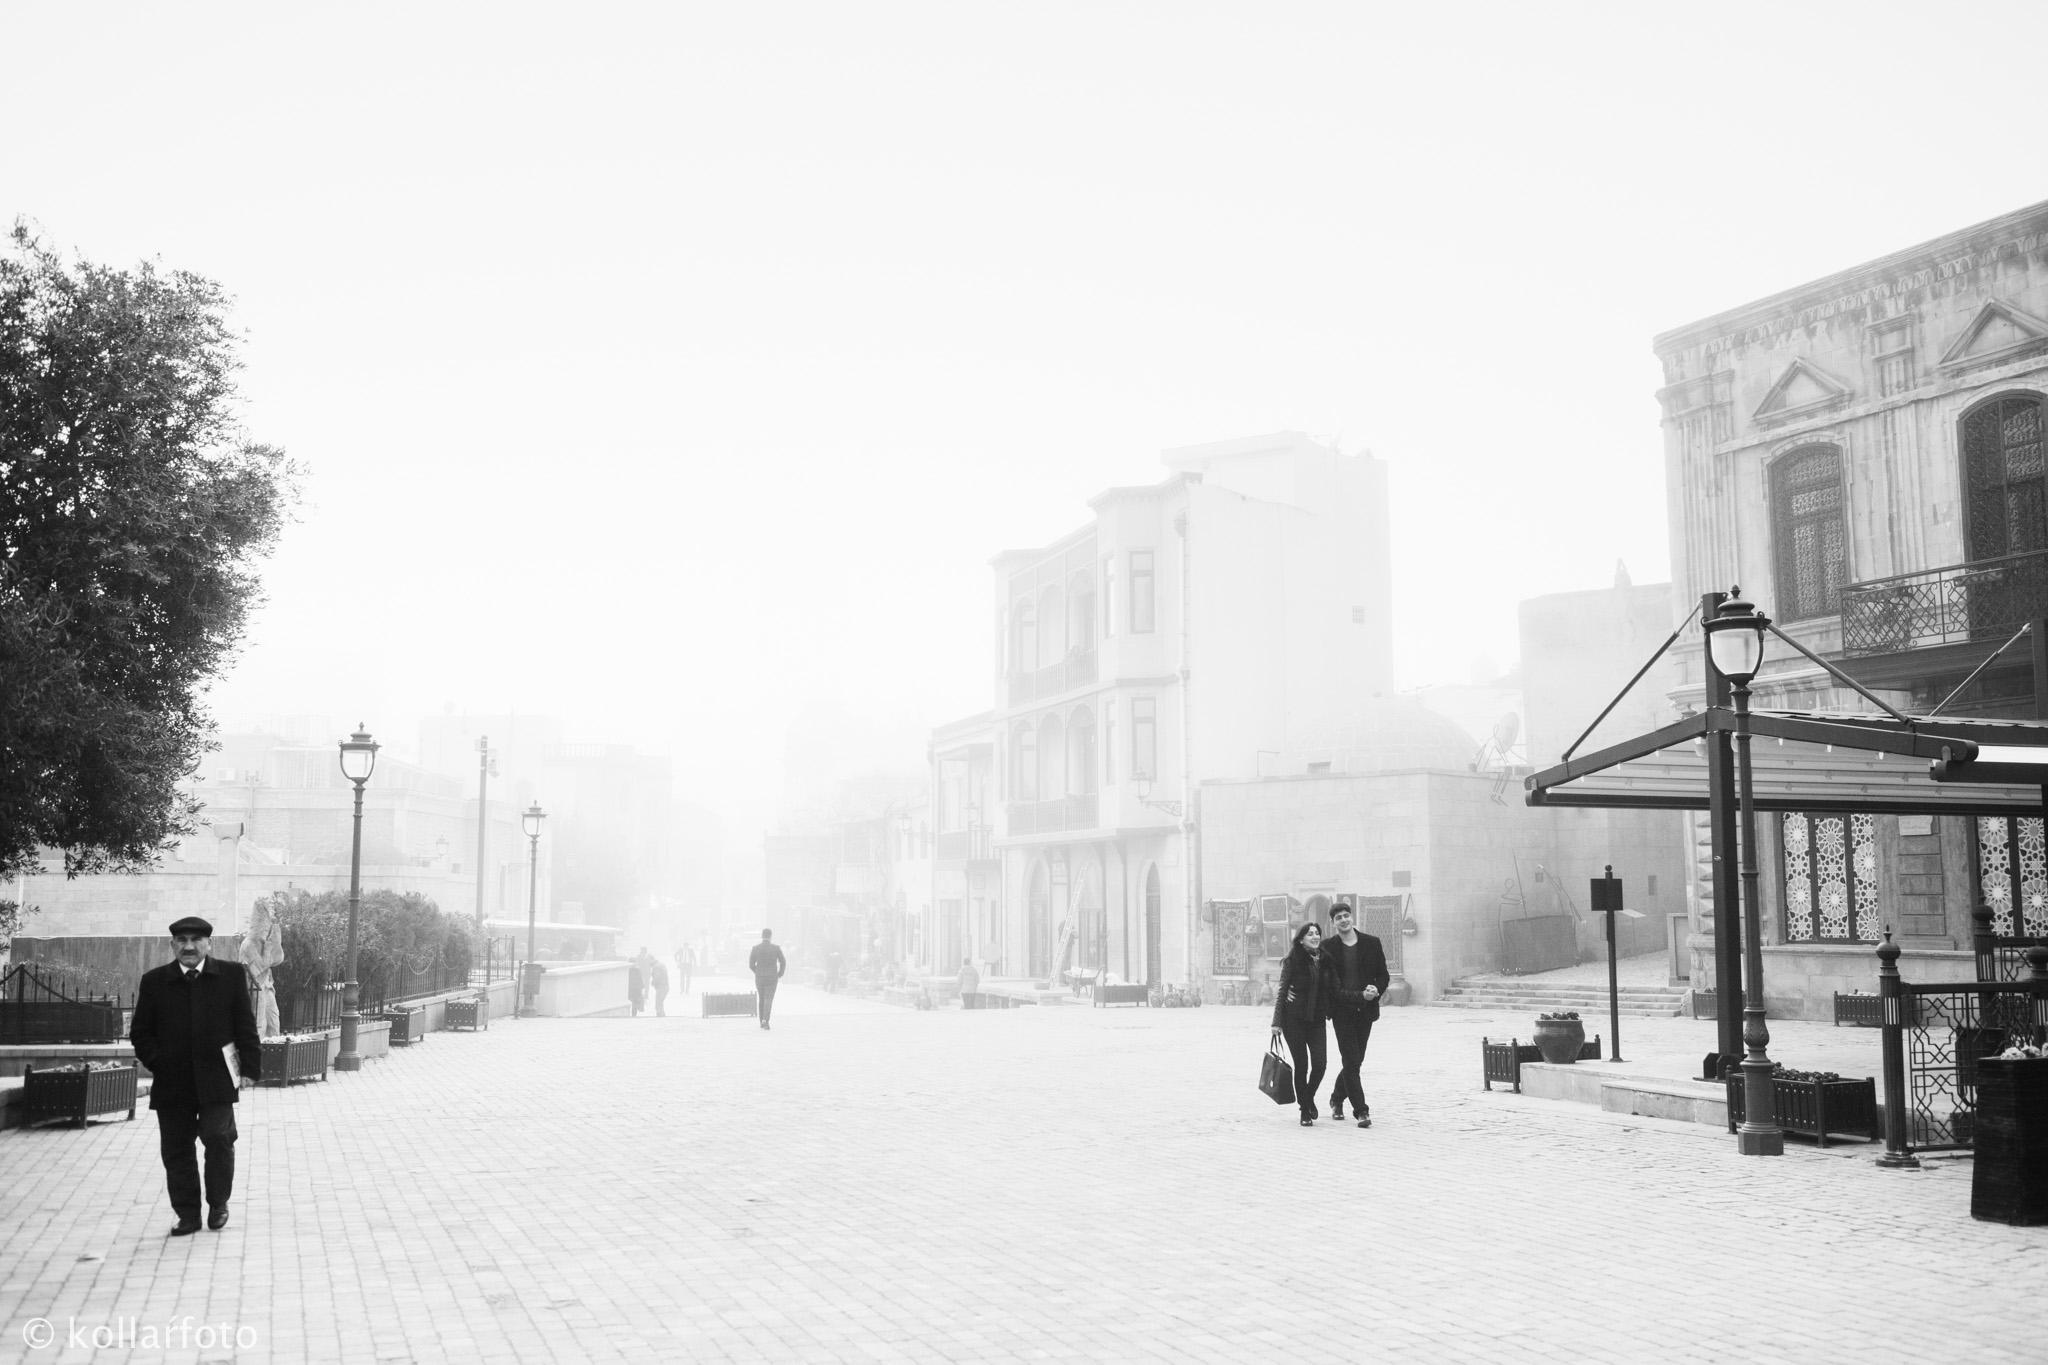 """1.A quiet morning in the walled Old City, a UNESCO World Heritage site. Baku, 2014. —                     Normal   0           false   false   false     FR   JA   X-NONE                                                                                                                                                                                                                                                                                                                                                                               /* Style Definitions */ table.MsoNormalTable {mso-style-name:""""Table Normal""""; mso-tstyle-rowband-size:0; mso-tstyle-colband-size:0; mso-style-noshow:yes; mso-style-priority:99; mso-style-parent:""""""""; mso-padding-alt:0cm 5.4pt 0cm 5.4pt; mso-para-margin:0cm; mso-para-margin-bottom:.0001pt; mso-pagination:widow-orphan; font-size:12.0pt; font-family:Arial; mso-bidi-font-family:""""Times New Roman""""; mso-bidi-theme-font:minor-bidi; mso-ansi-language:FR; mso-fareast-language:FR;}        Un matin tranquille au    cœur d'İçəri Şəhər  (Vieille Ville), un site reconnu par l'Unesco. Bakou, 2014."""